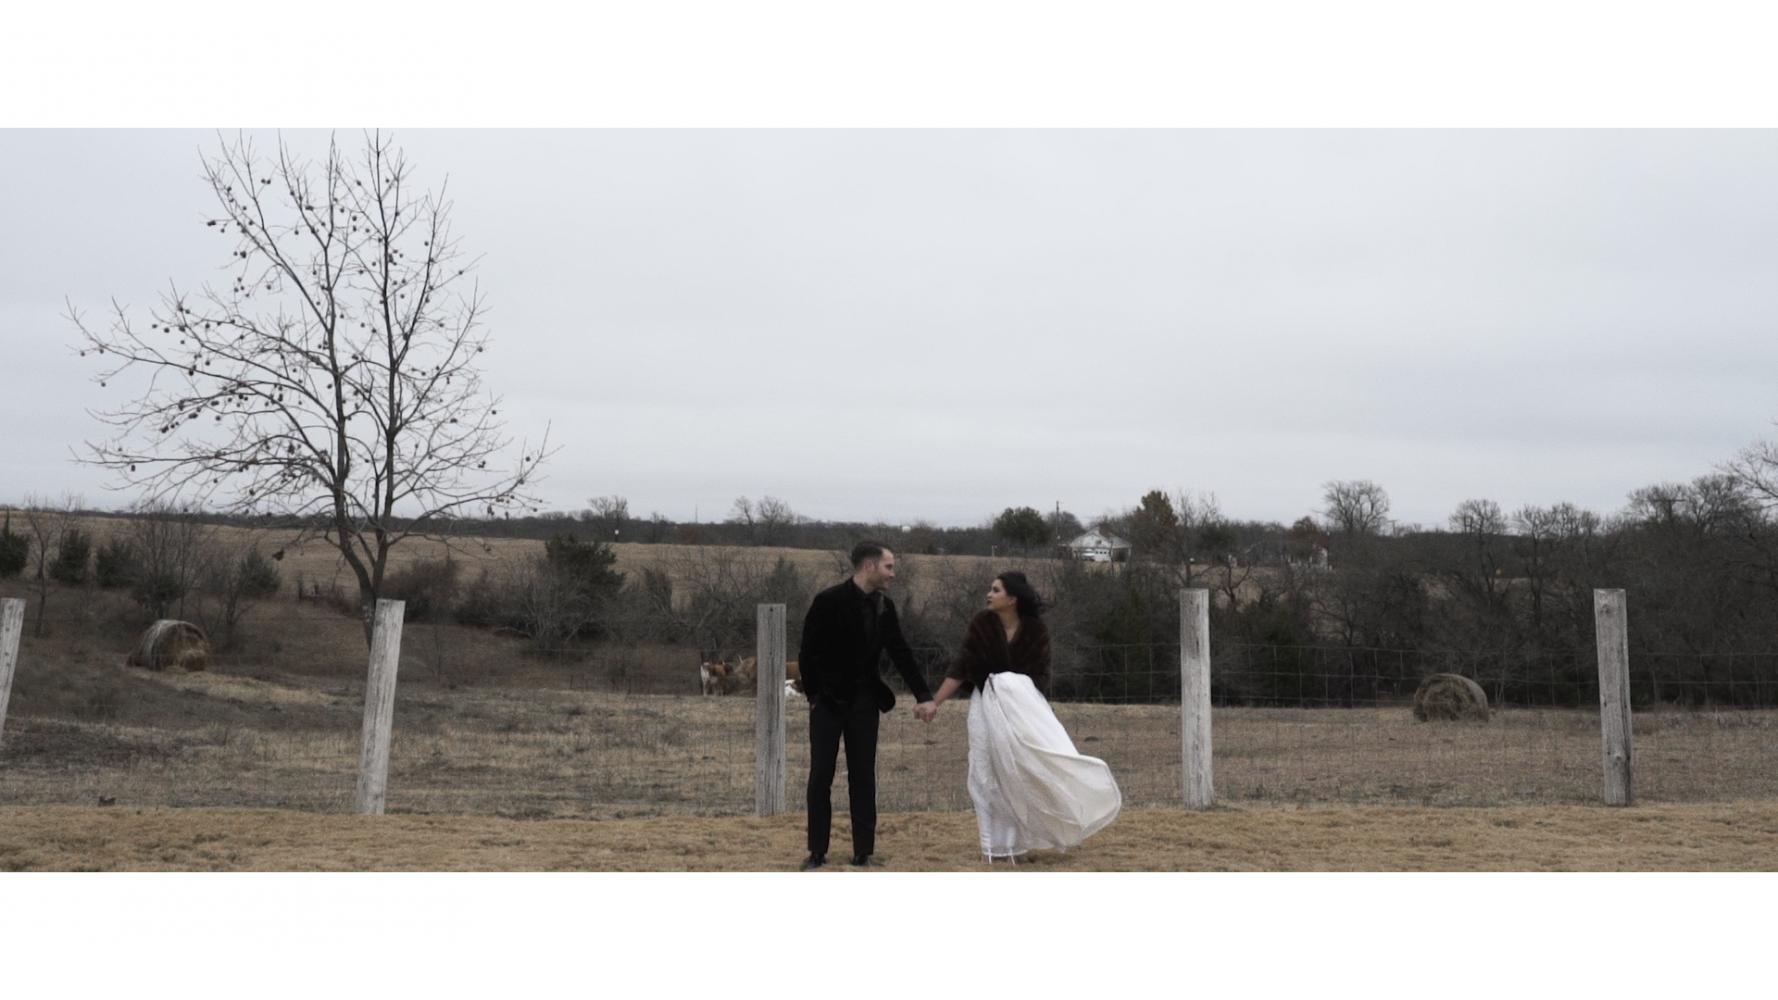 Edna + Ben | Van Alstyne, Texas | Rustic Grace Estate